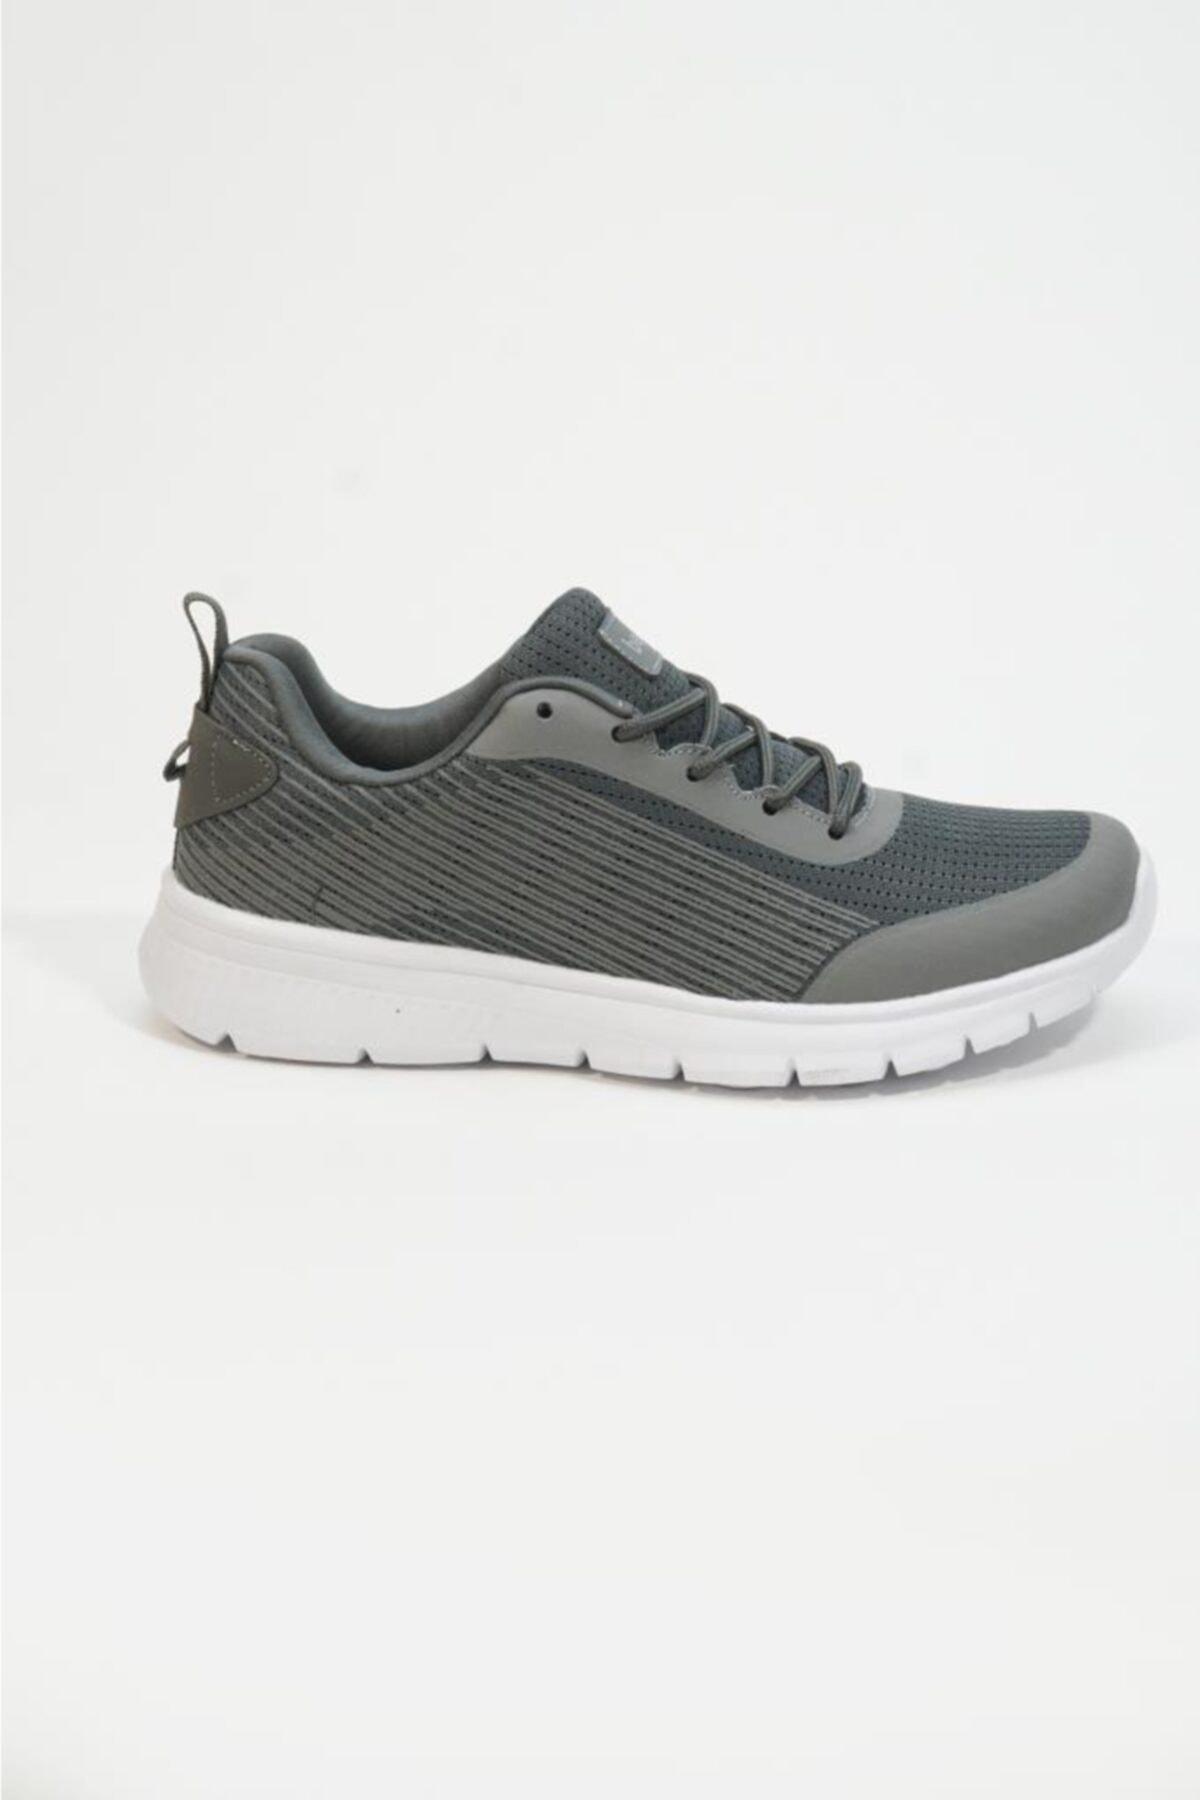 Bewild M20003 Füme Erkek Spor Ayakkabı 2